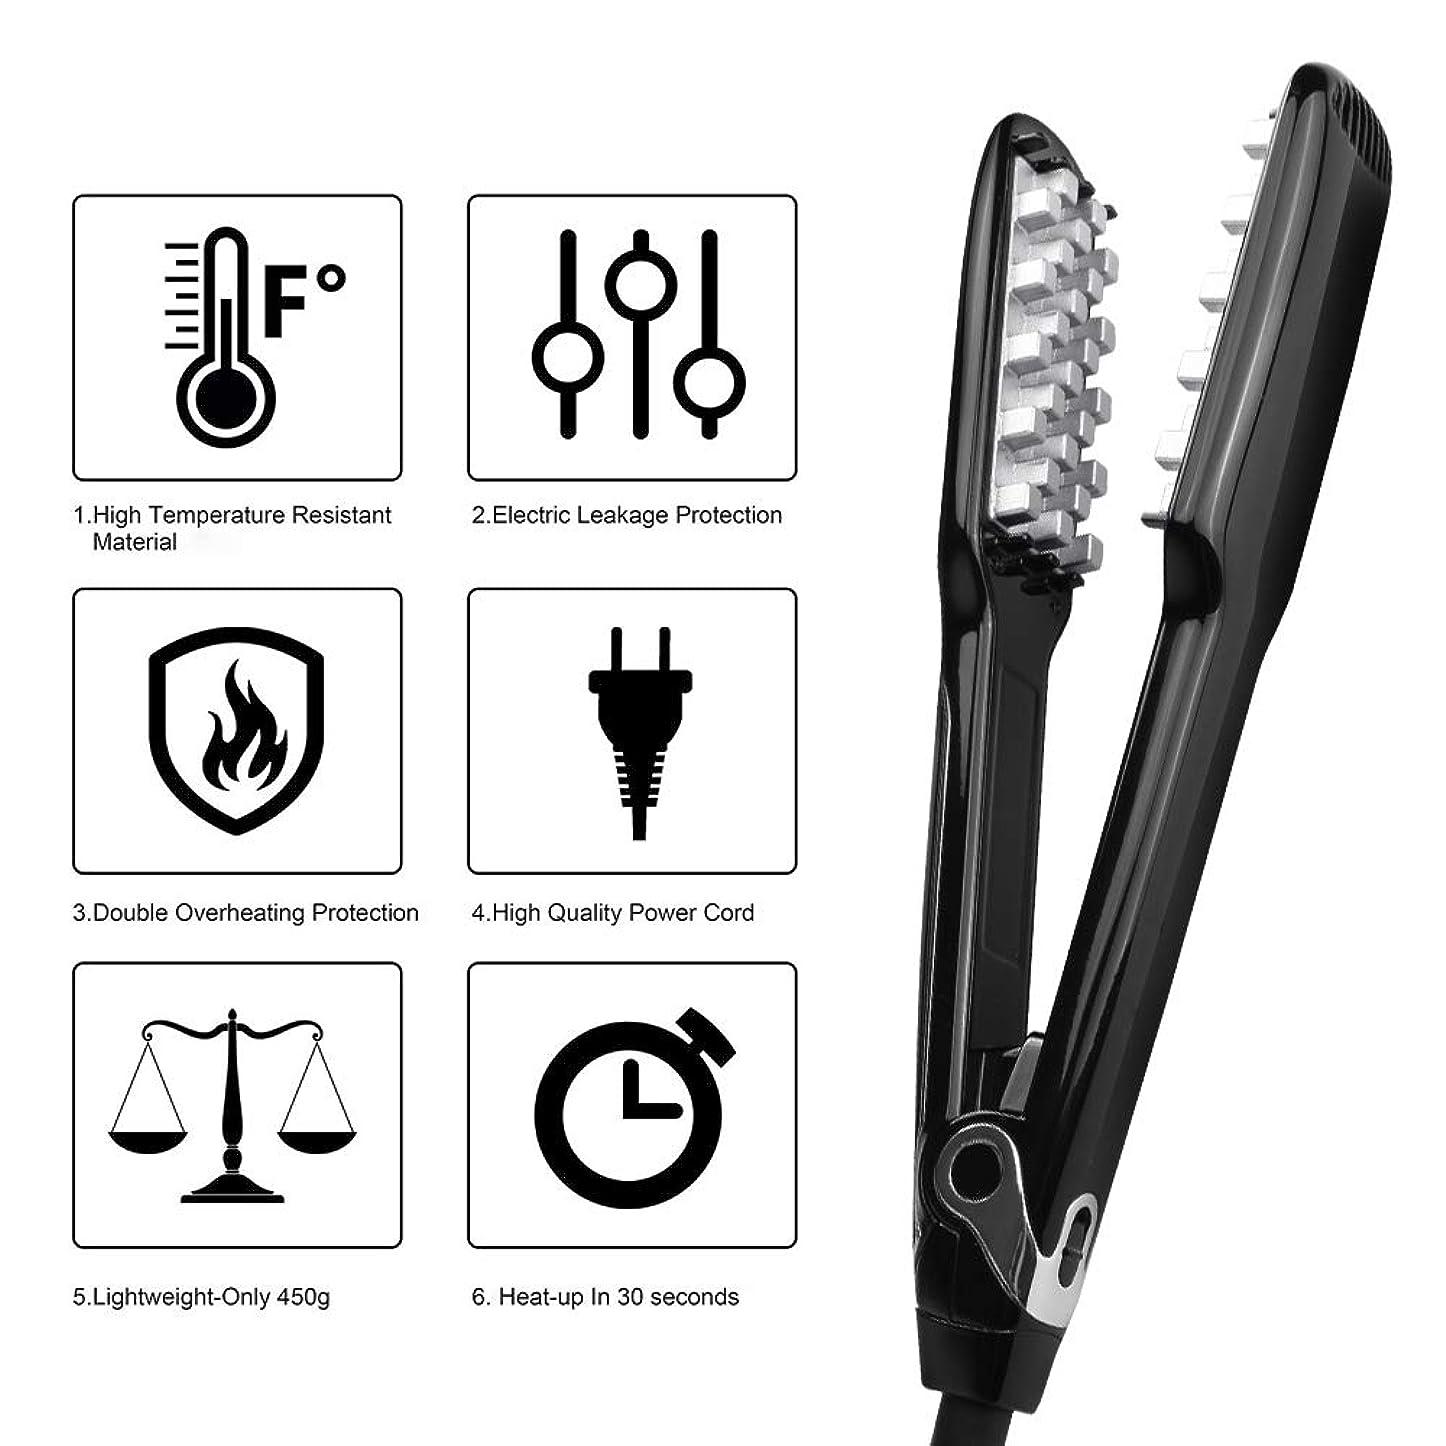 状態無知効果的に増毛ヘアアイロンと LCD ディスプレイプロフェッショナルヘアスタイリングツールポータブル個人的な使用のために適したロングショートヘアブラック